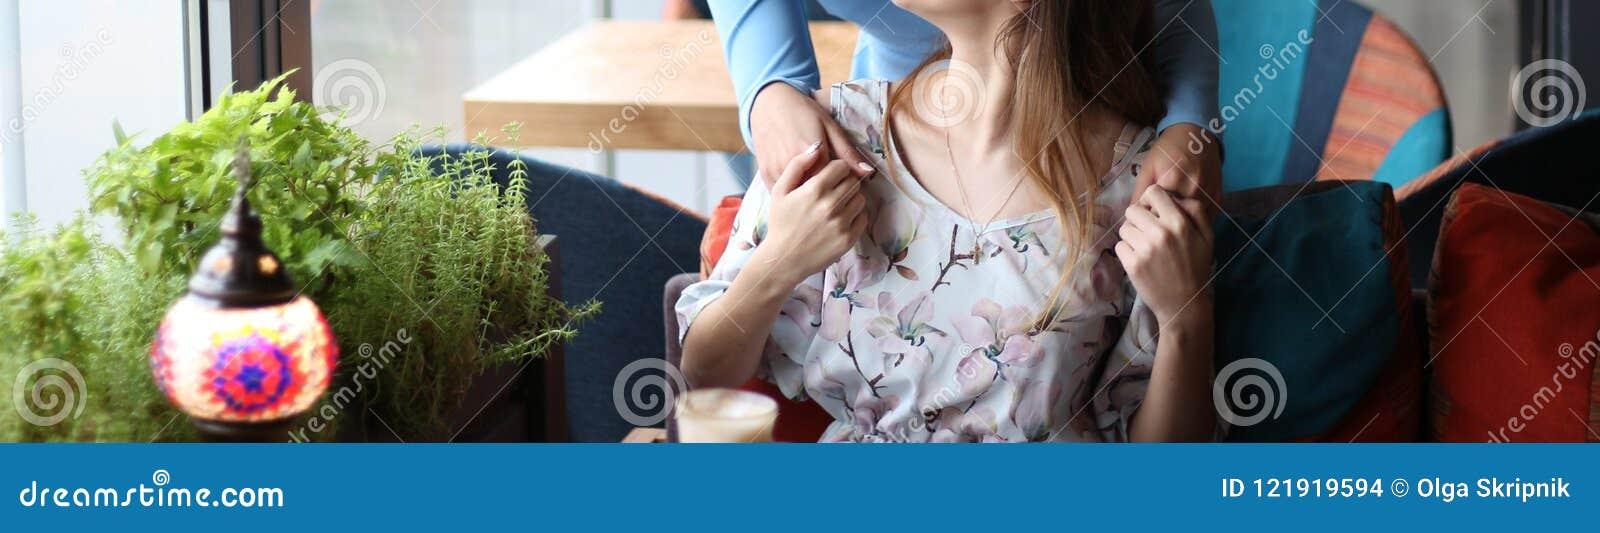 Möte av två flickvänner i ett kafé en kom upp bakom och kramat för att hälsa en annan flicka rymma för händer